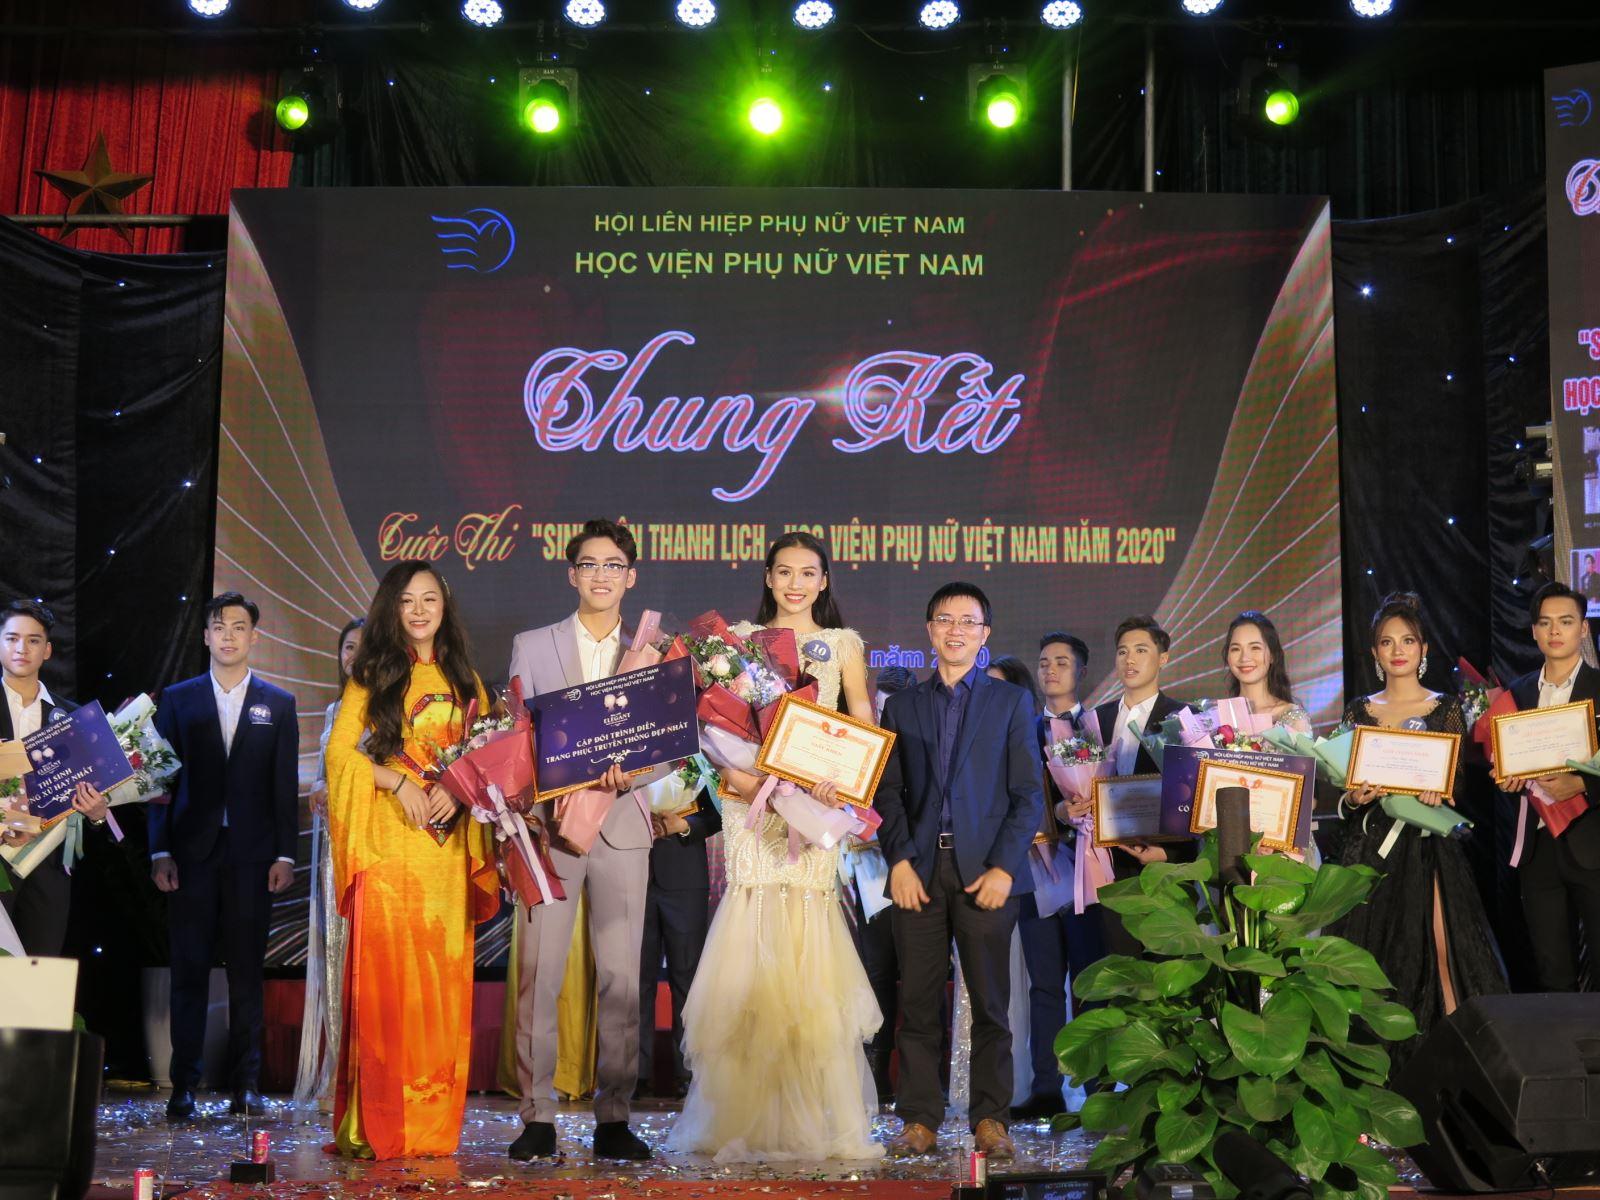 Tỏa sáng nét đẹp truyền thống tại Chung kết sinh viên thanh lịch 2020